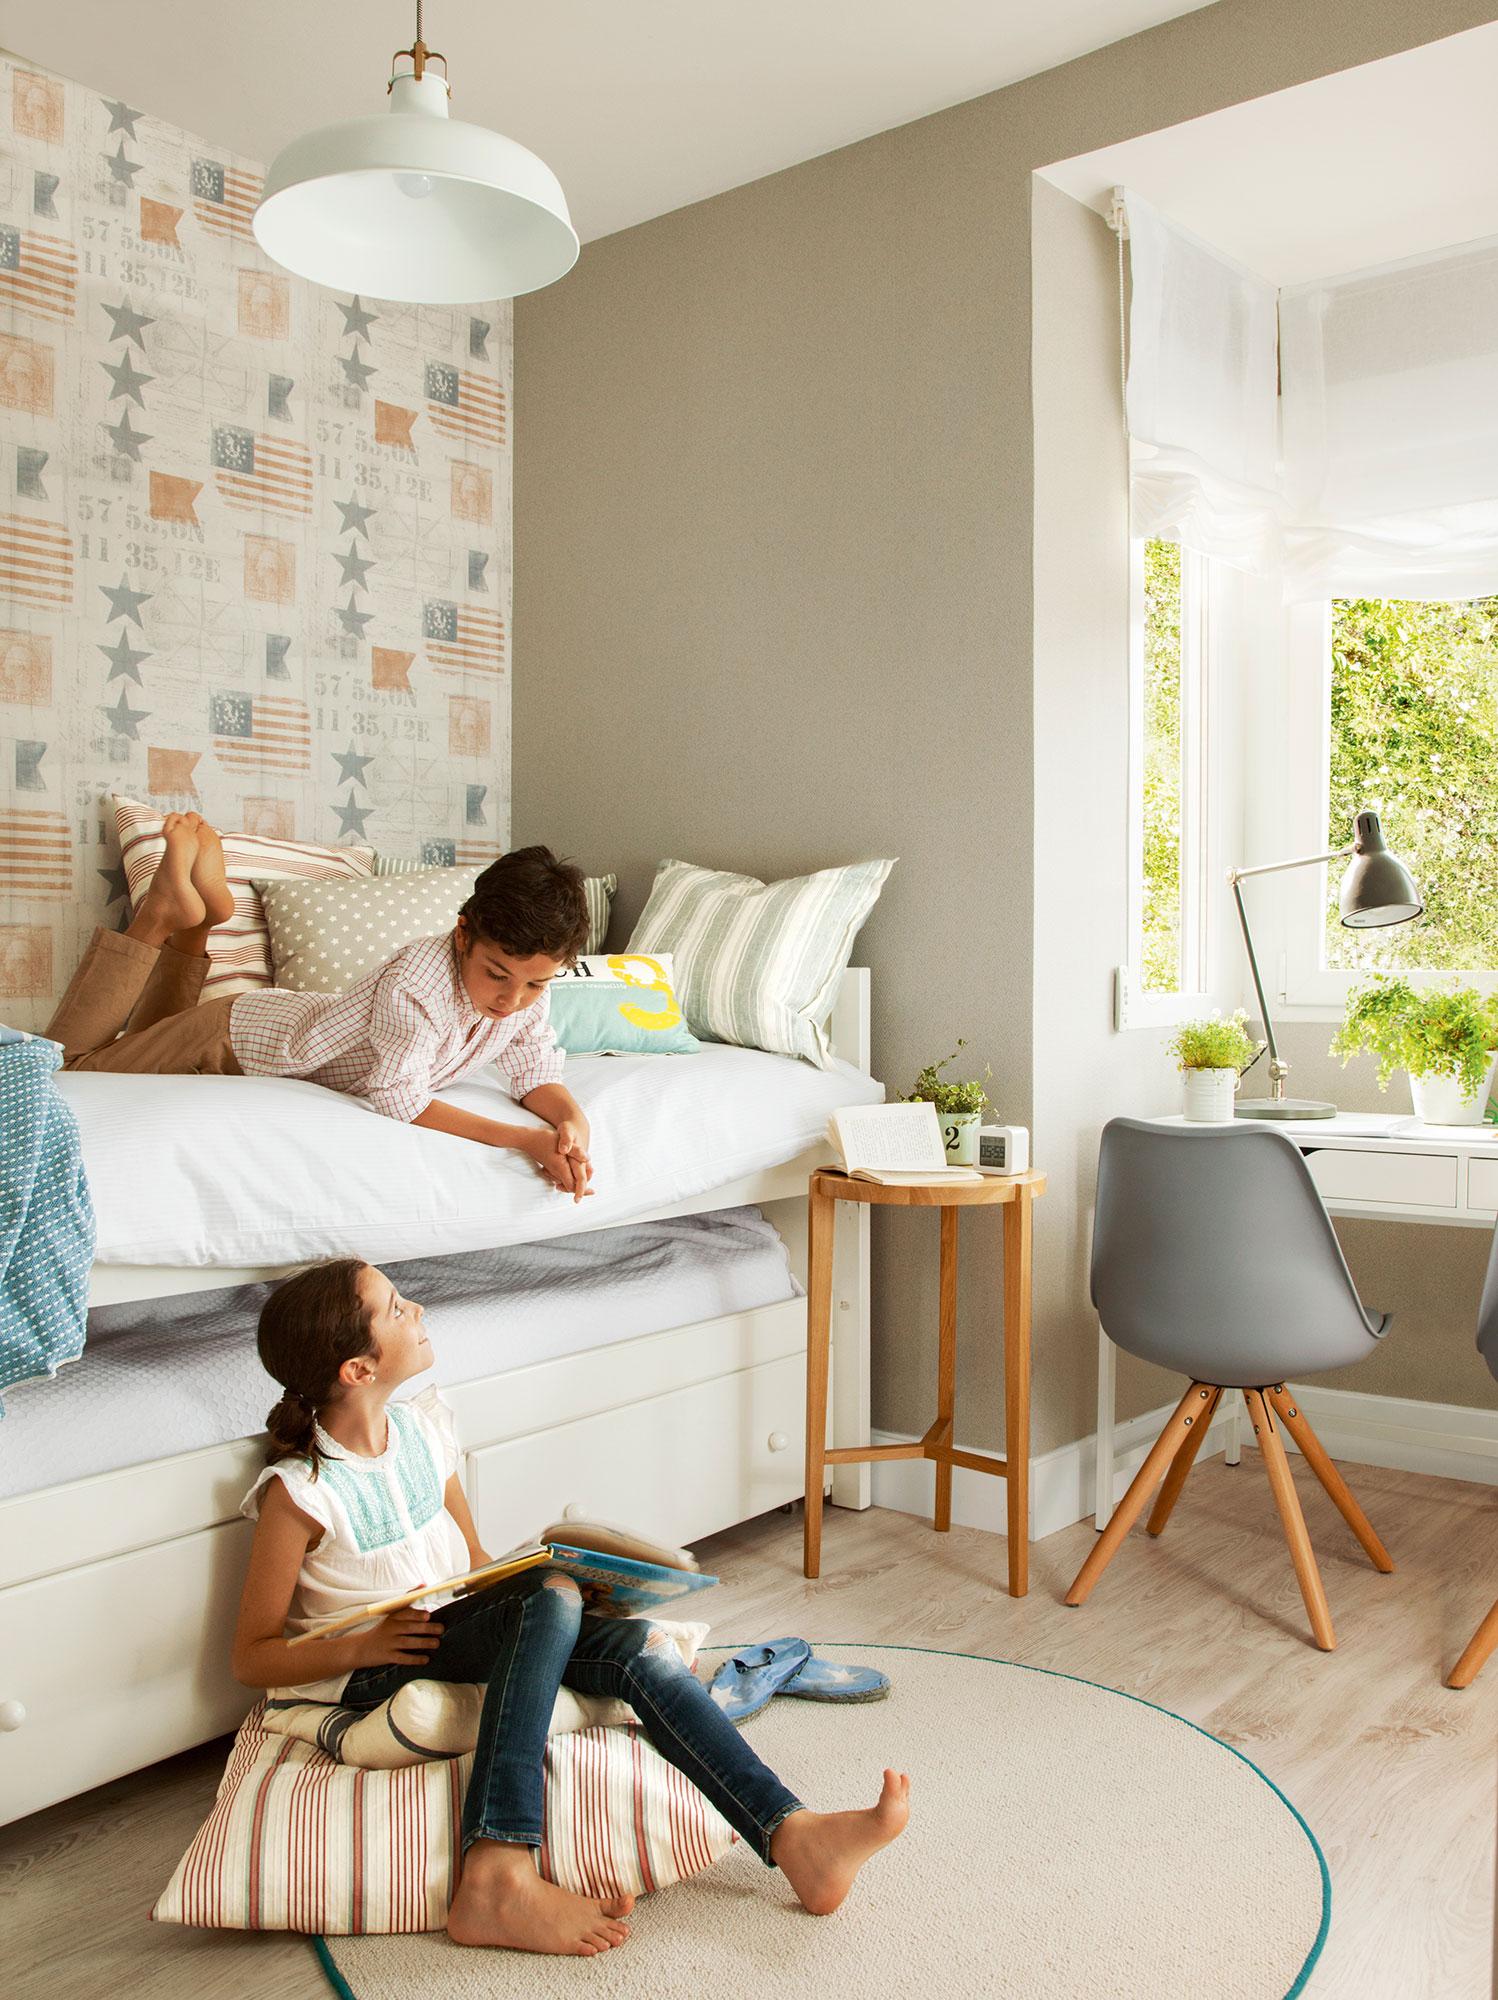 Decora la habitaci n infantil con papel pintado for Decoracion habitacion compartida nino nina